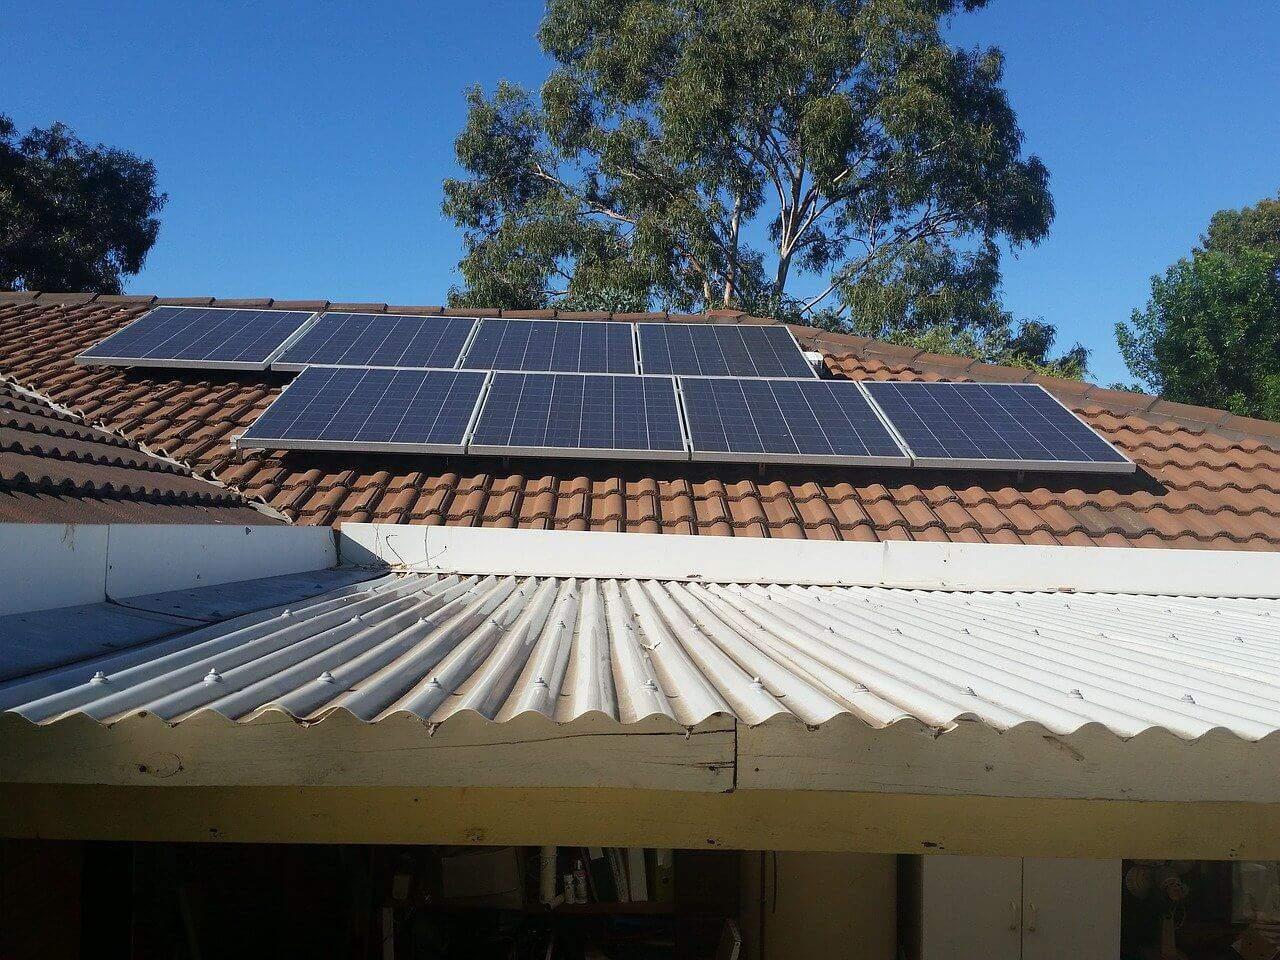 Energía fotovoltaica: una renovable al alcance de todos